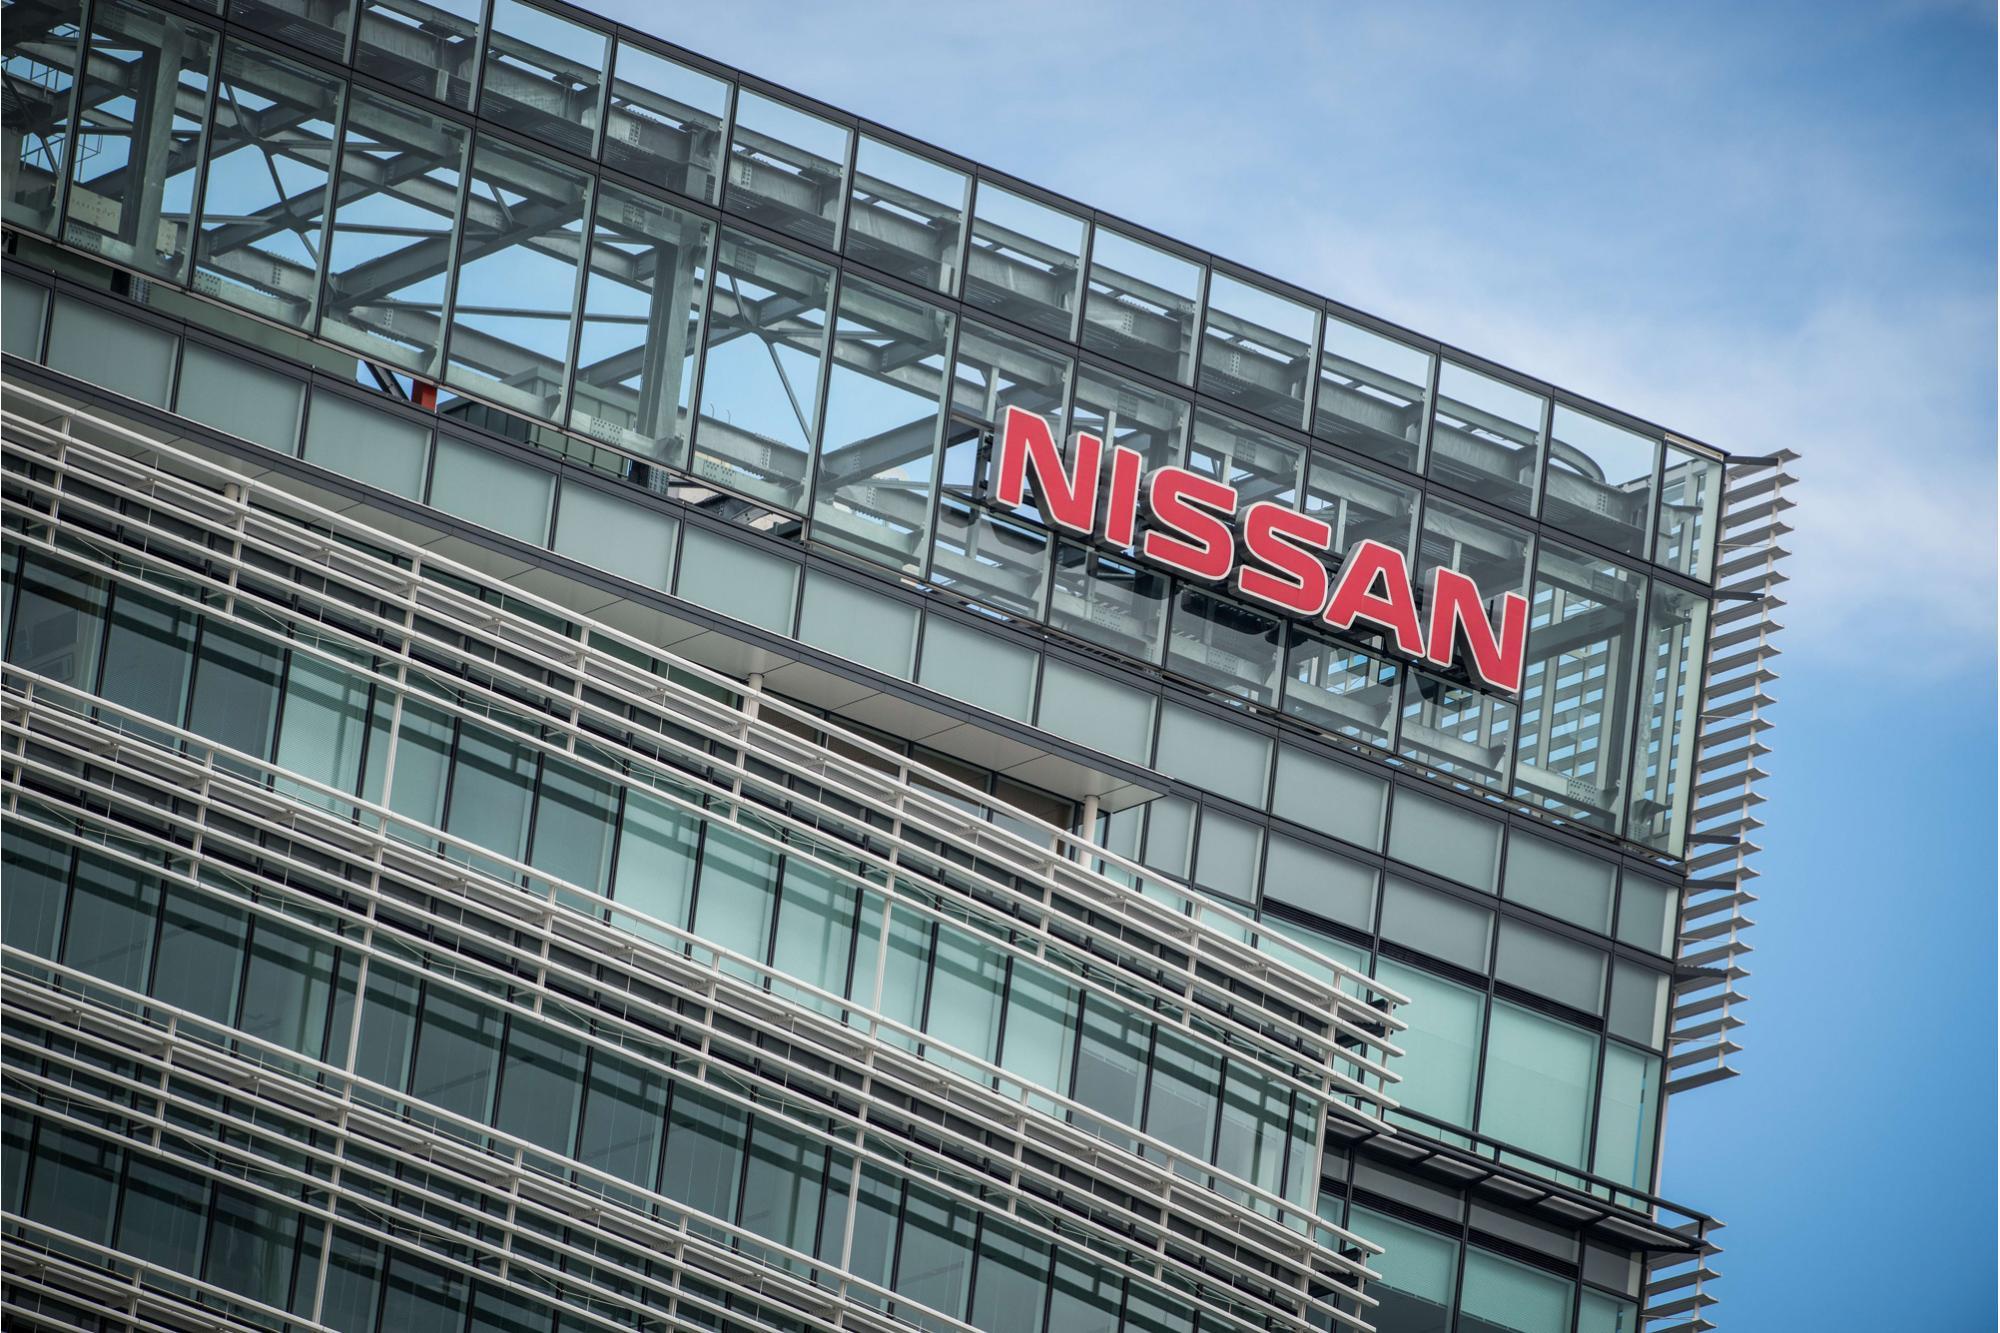 Η Nissan ηγείται της κλιματικής αλλαγής, σύμφωνα με το CDP